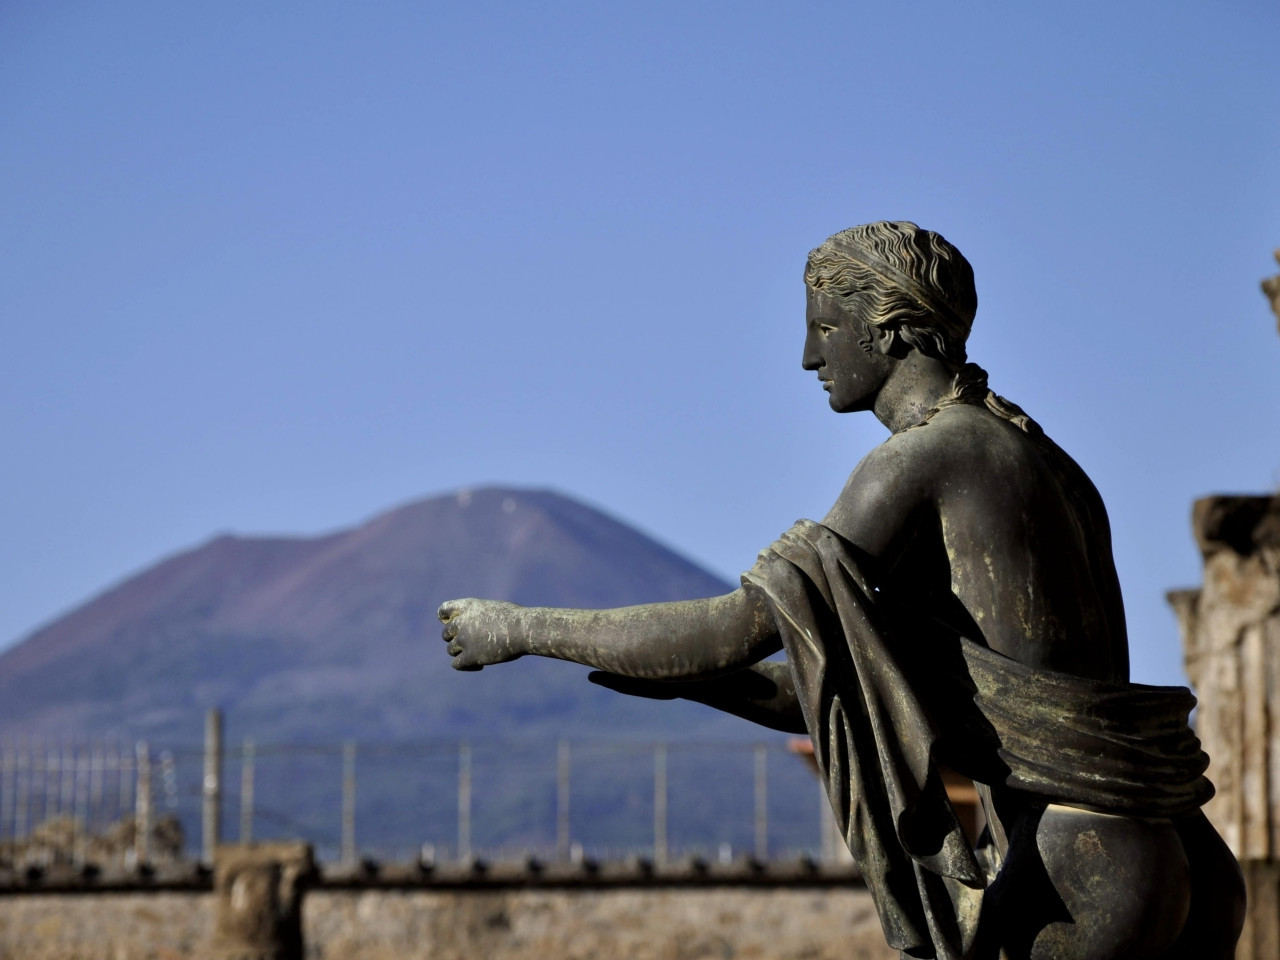 Pompeii Vesuvius Herculaneum Tour - Pompeii Tiberio Gracco Statue